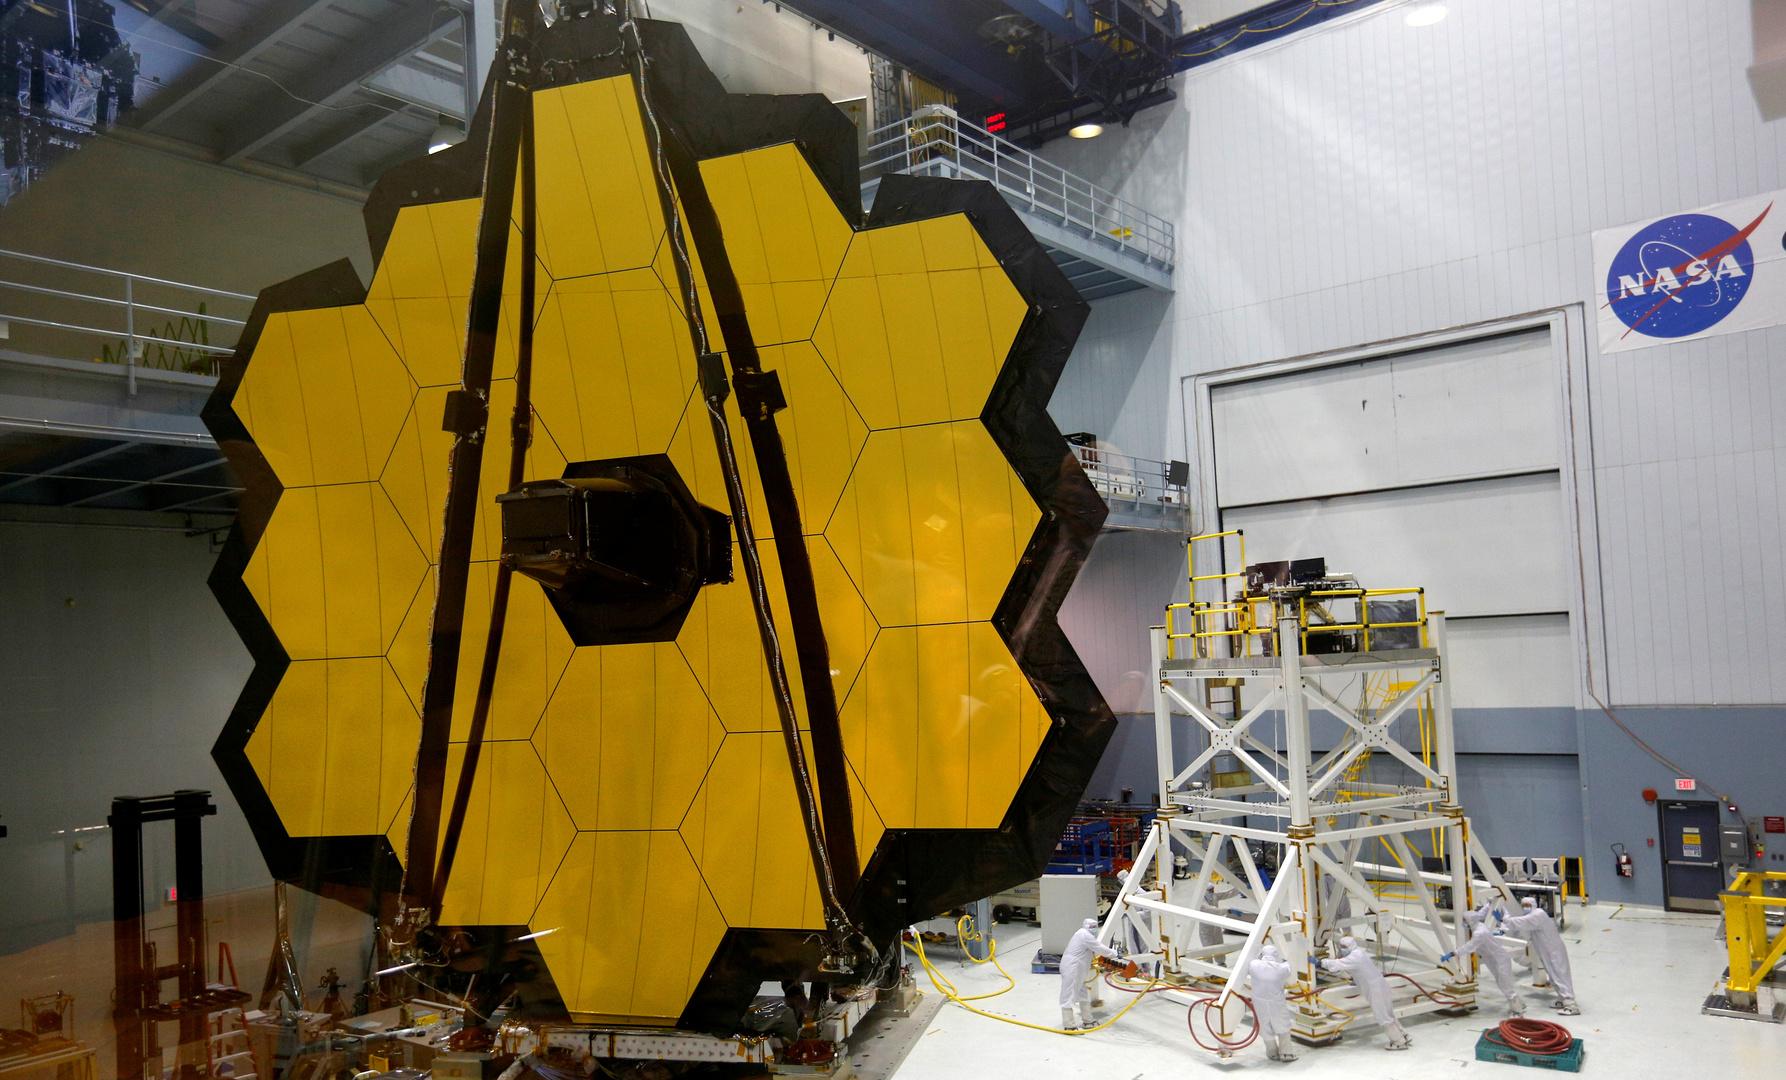 ناسا تعلن أخيرا عن موعد إطلاقها أكبر وأقوى تلسكوب على الإطلاق بعد تأجيل دام 14 عاما